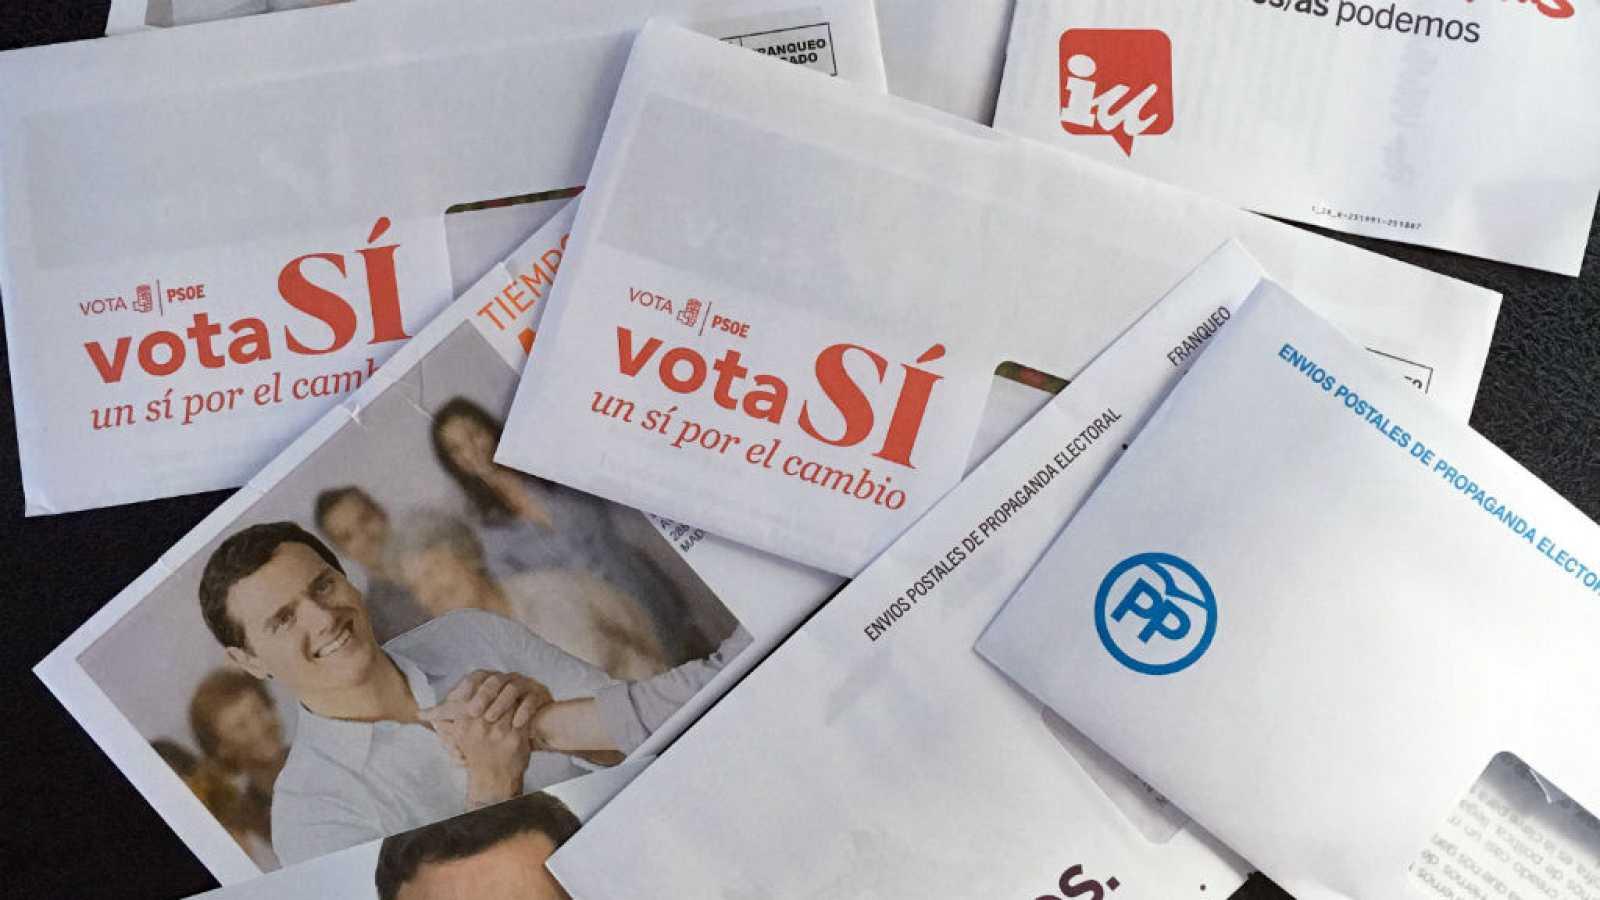 Todos los partidos, excepto el PNV, firman un acuerdo para reducir publicidad electoral